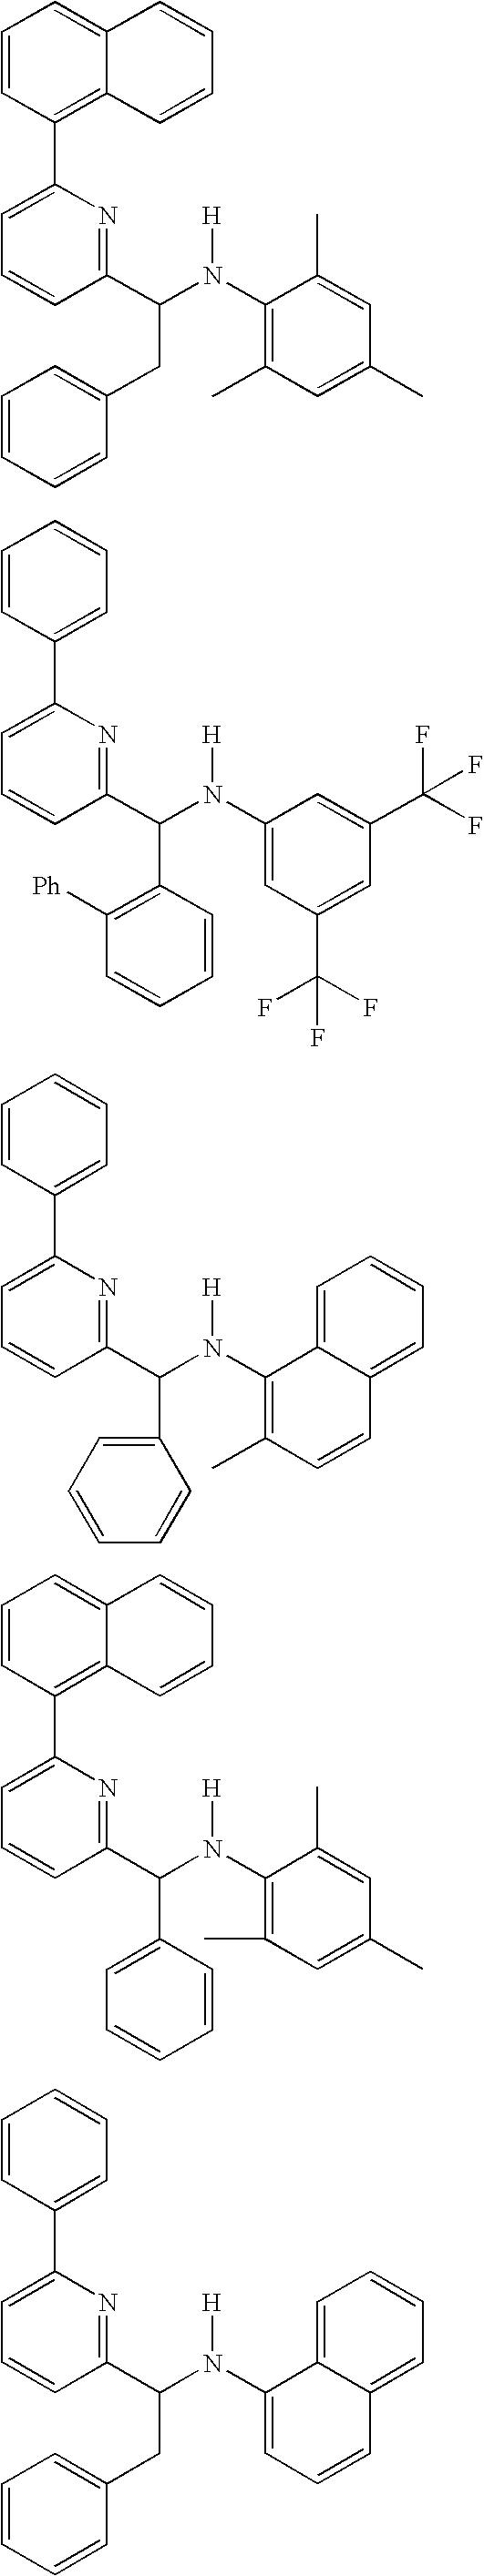 Figure US06900321-20050531-C00028